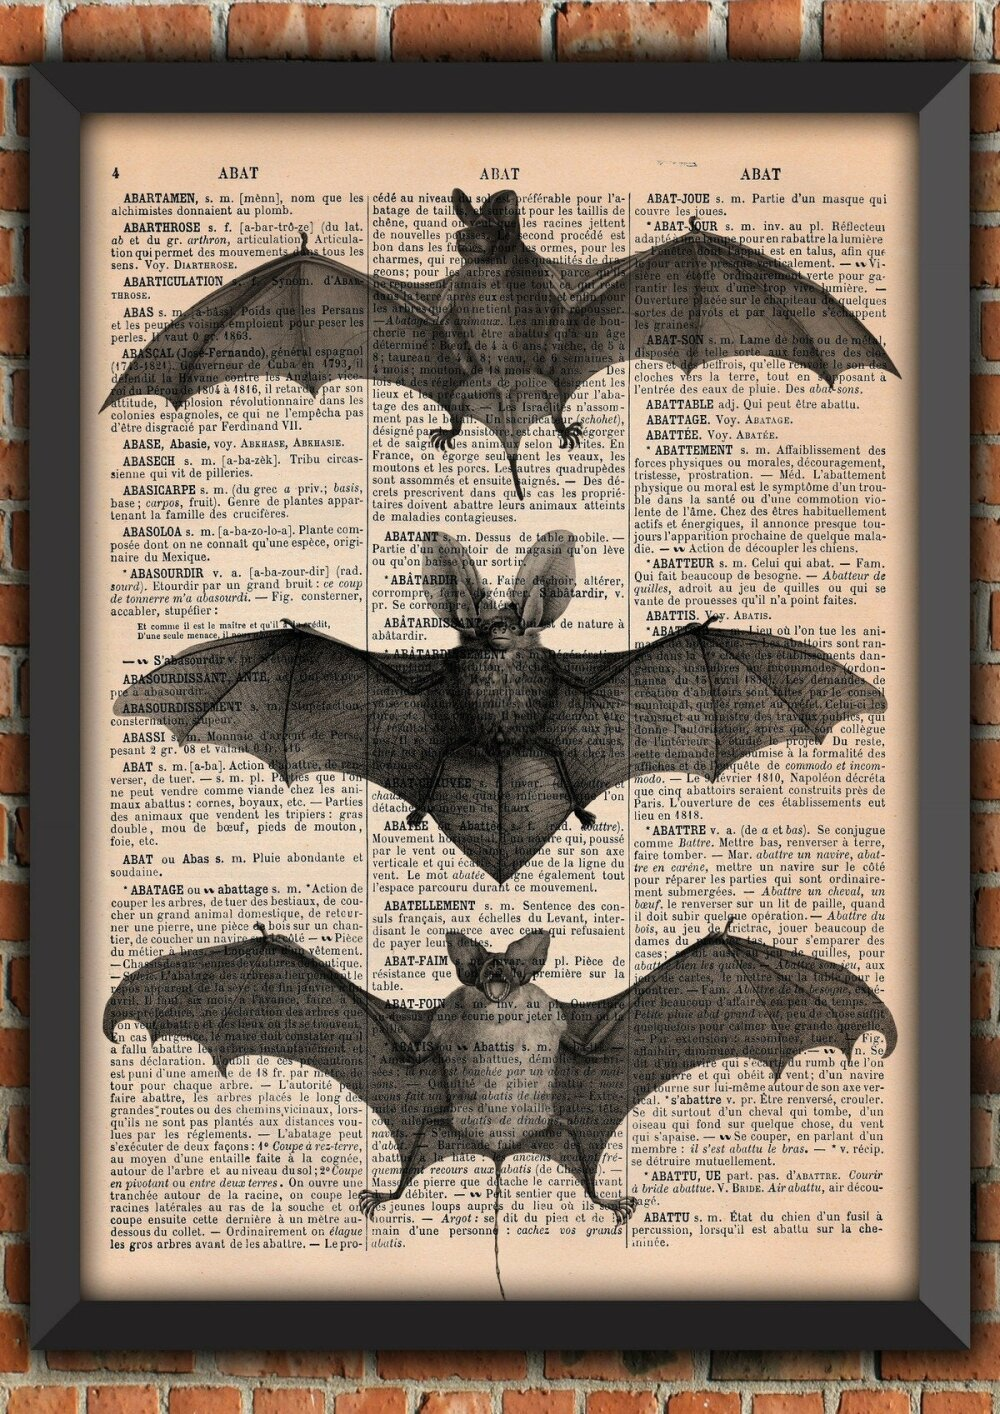 Cabinet de curiosités Chauve Souris Bat Gothique Victorien Vintage Décoration Murale Cadeau Poster Original Dictionnaire Page